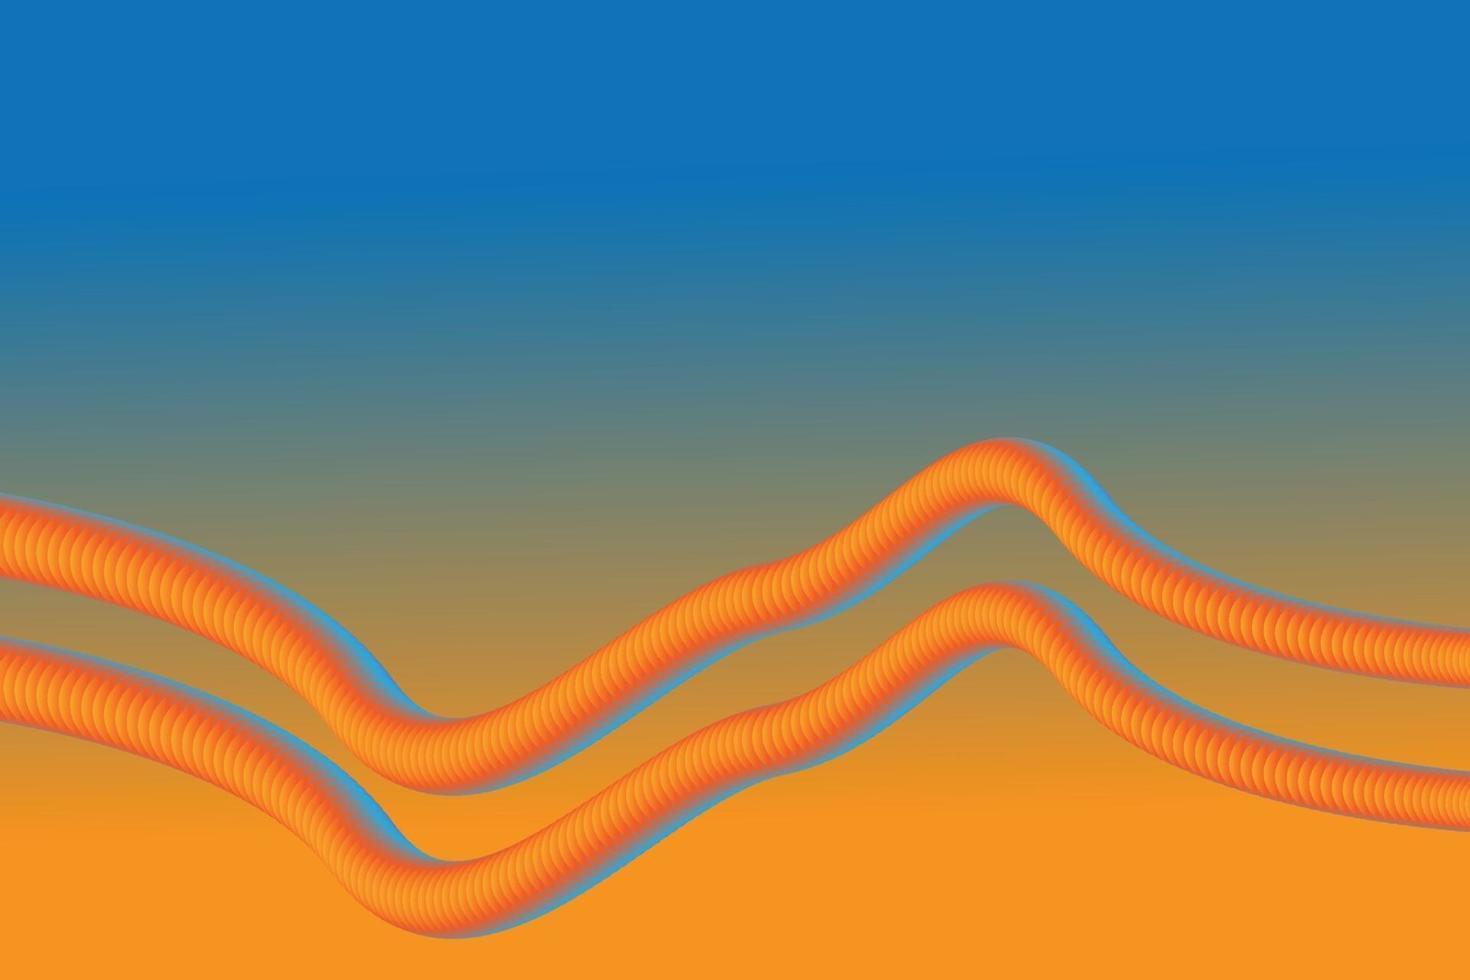 sfondo astratto arancione e blu si fondono vettore